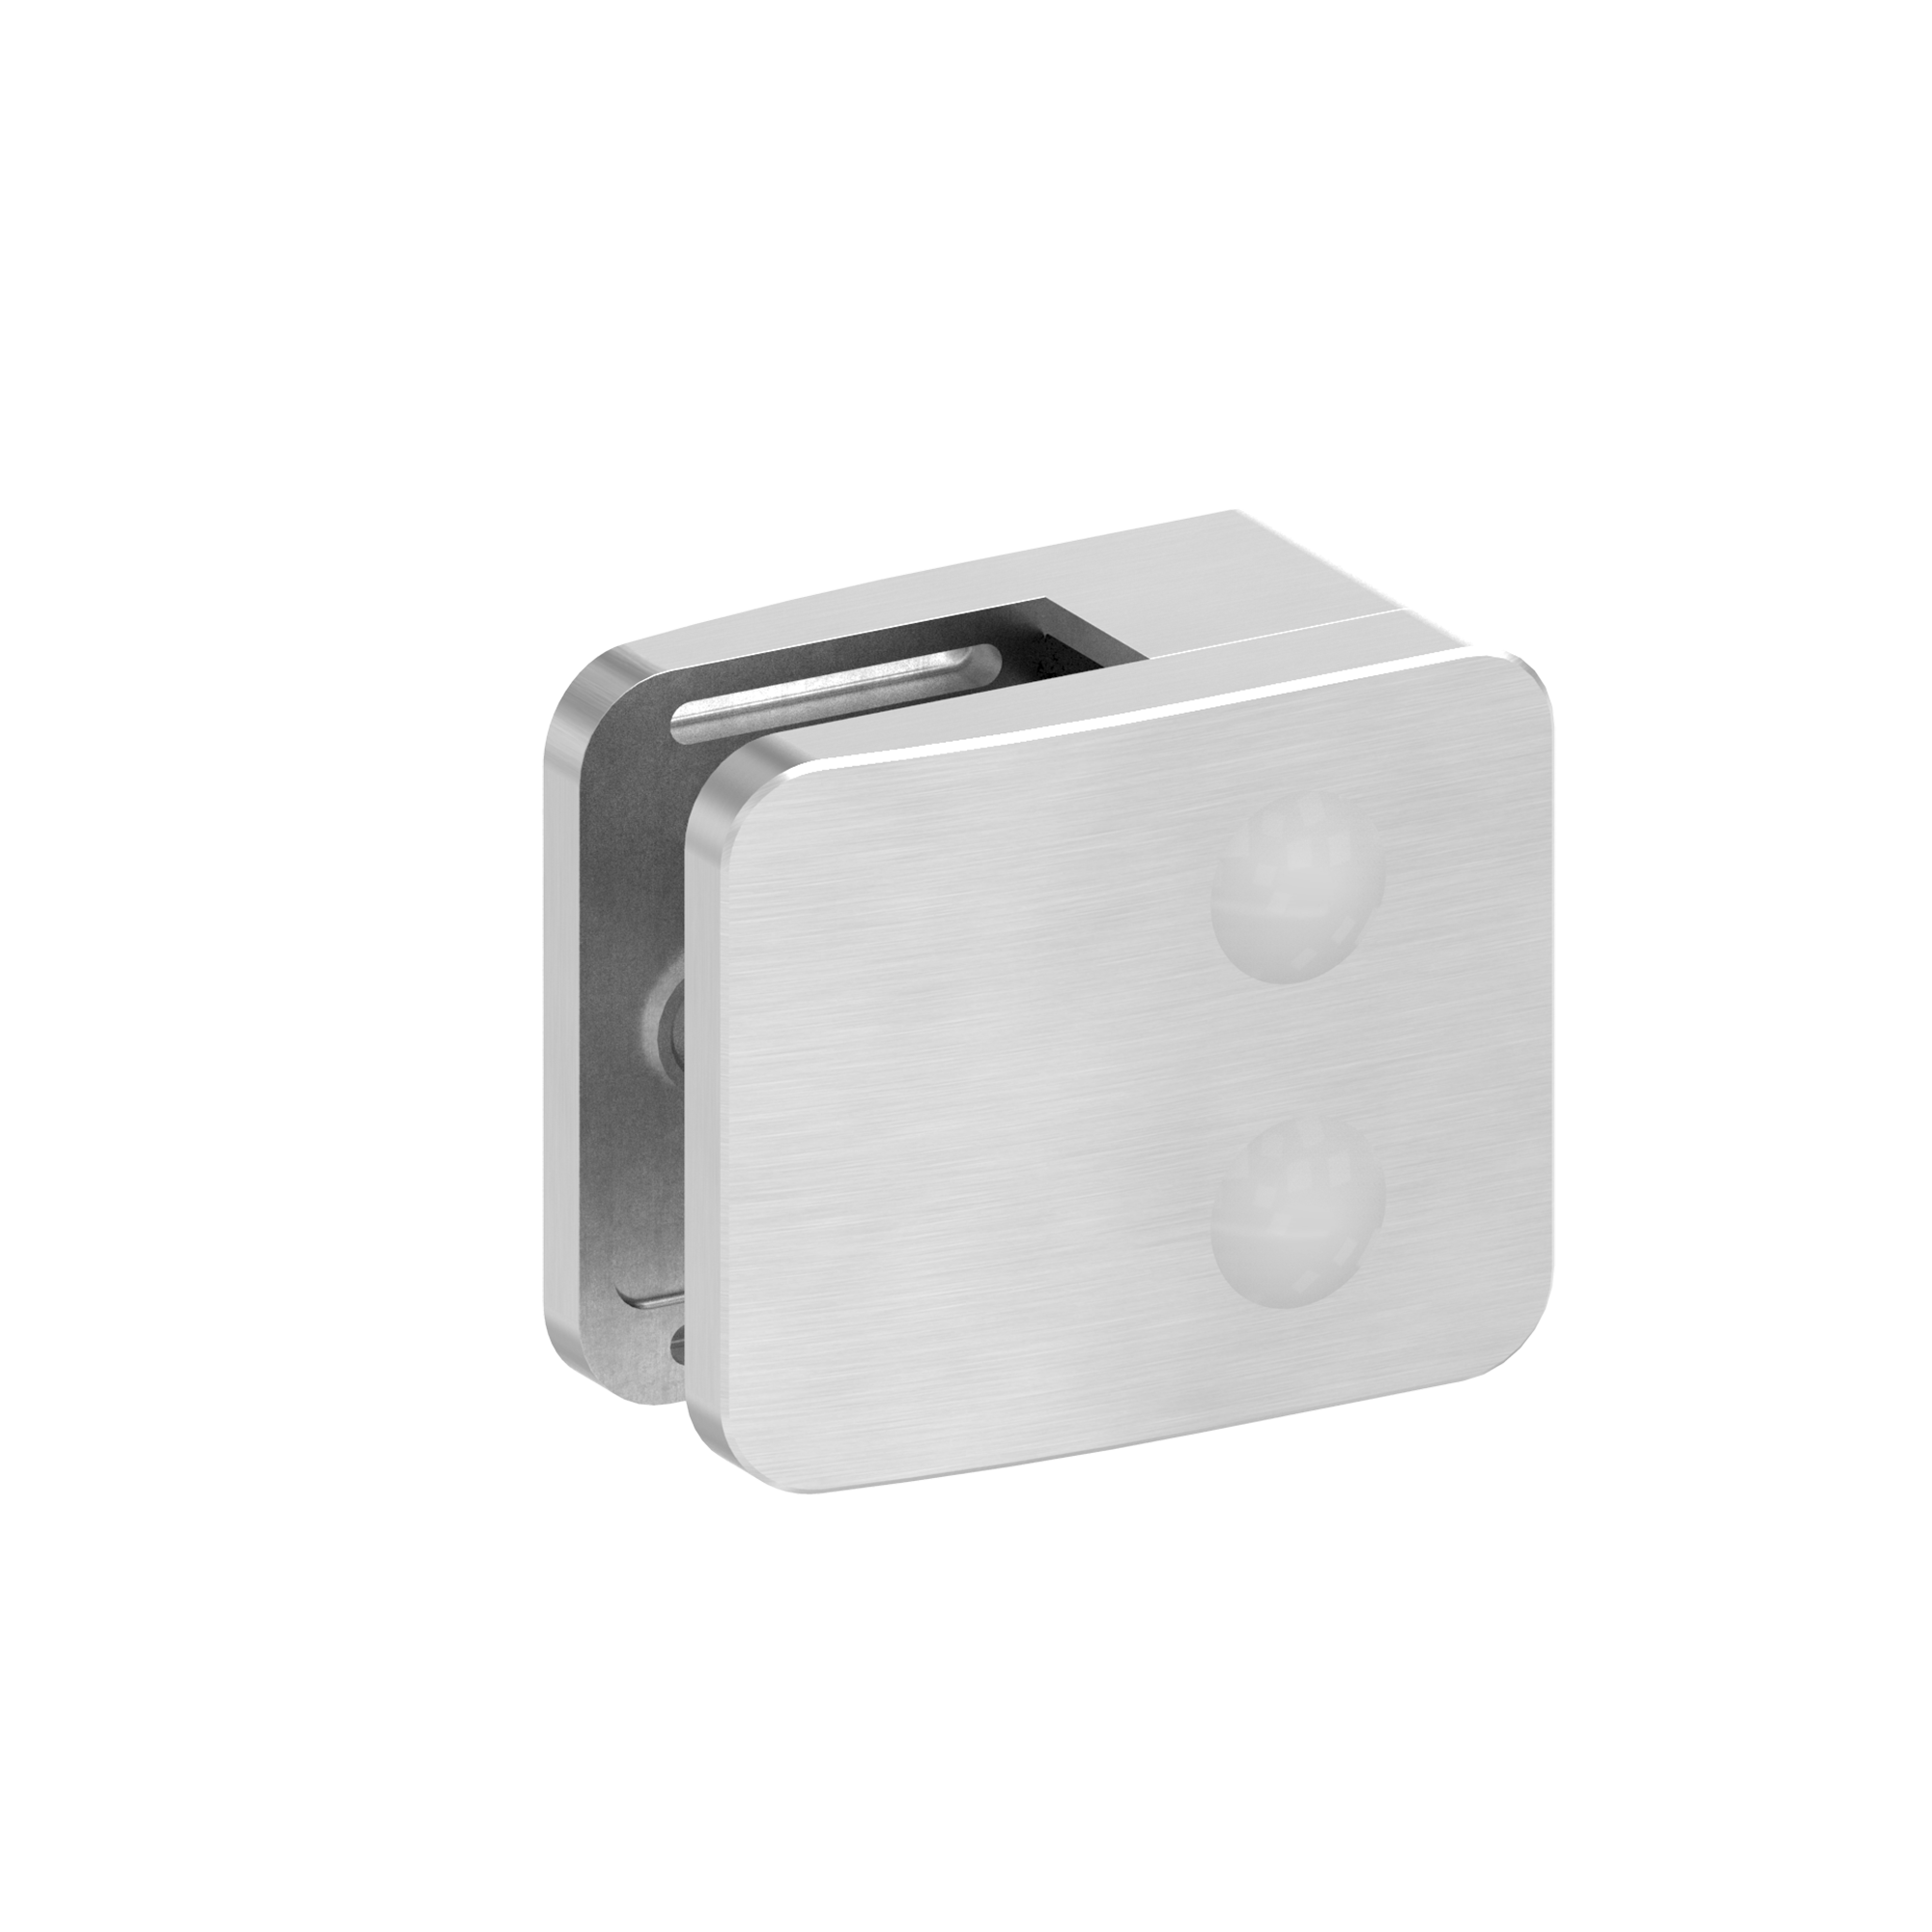 Sichtschutz-Glasklemme Modell 26